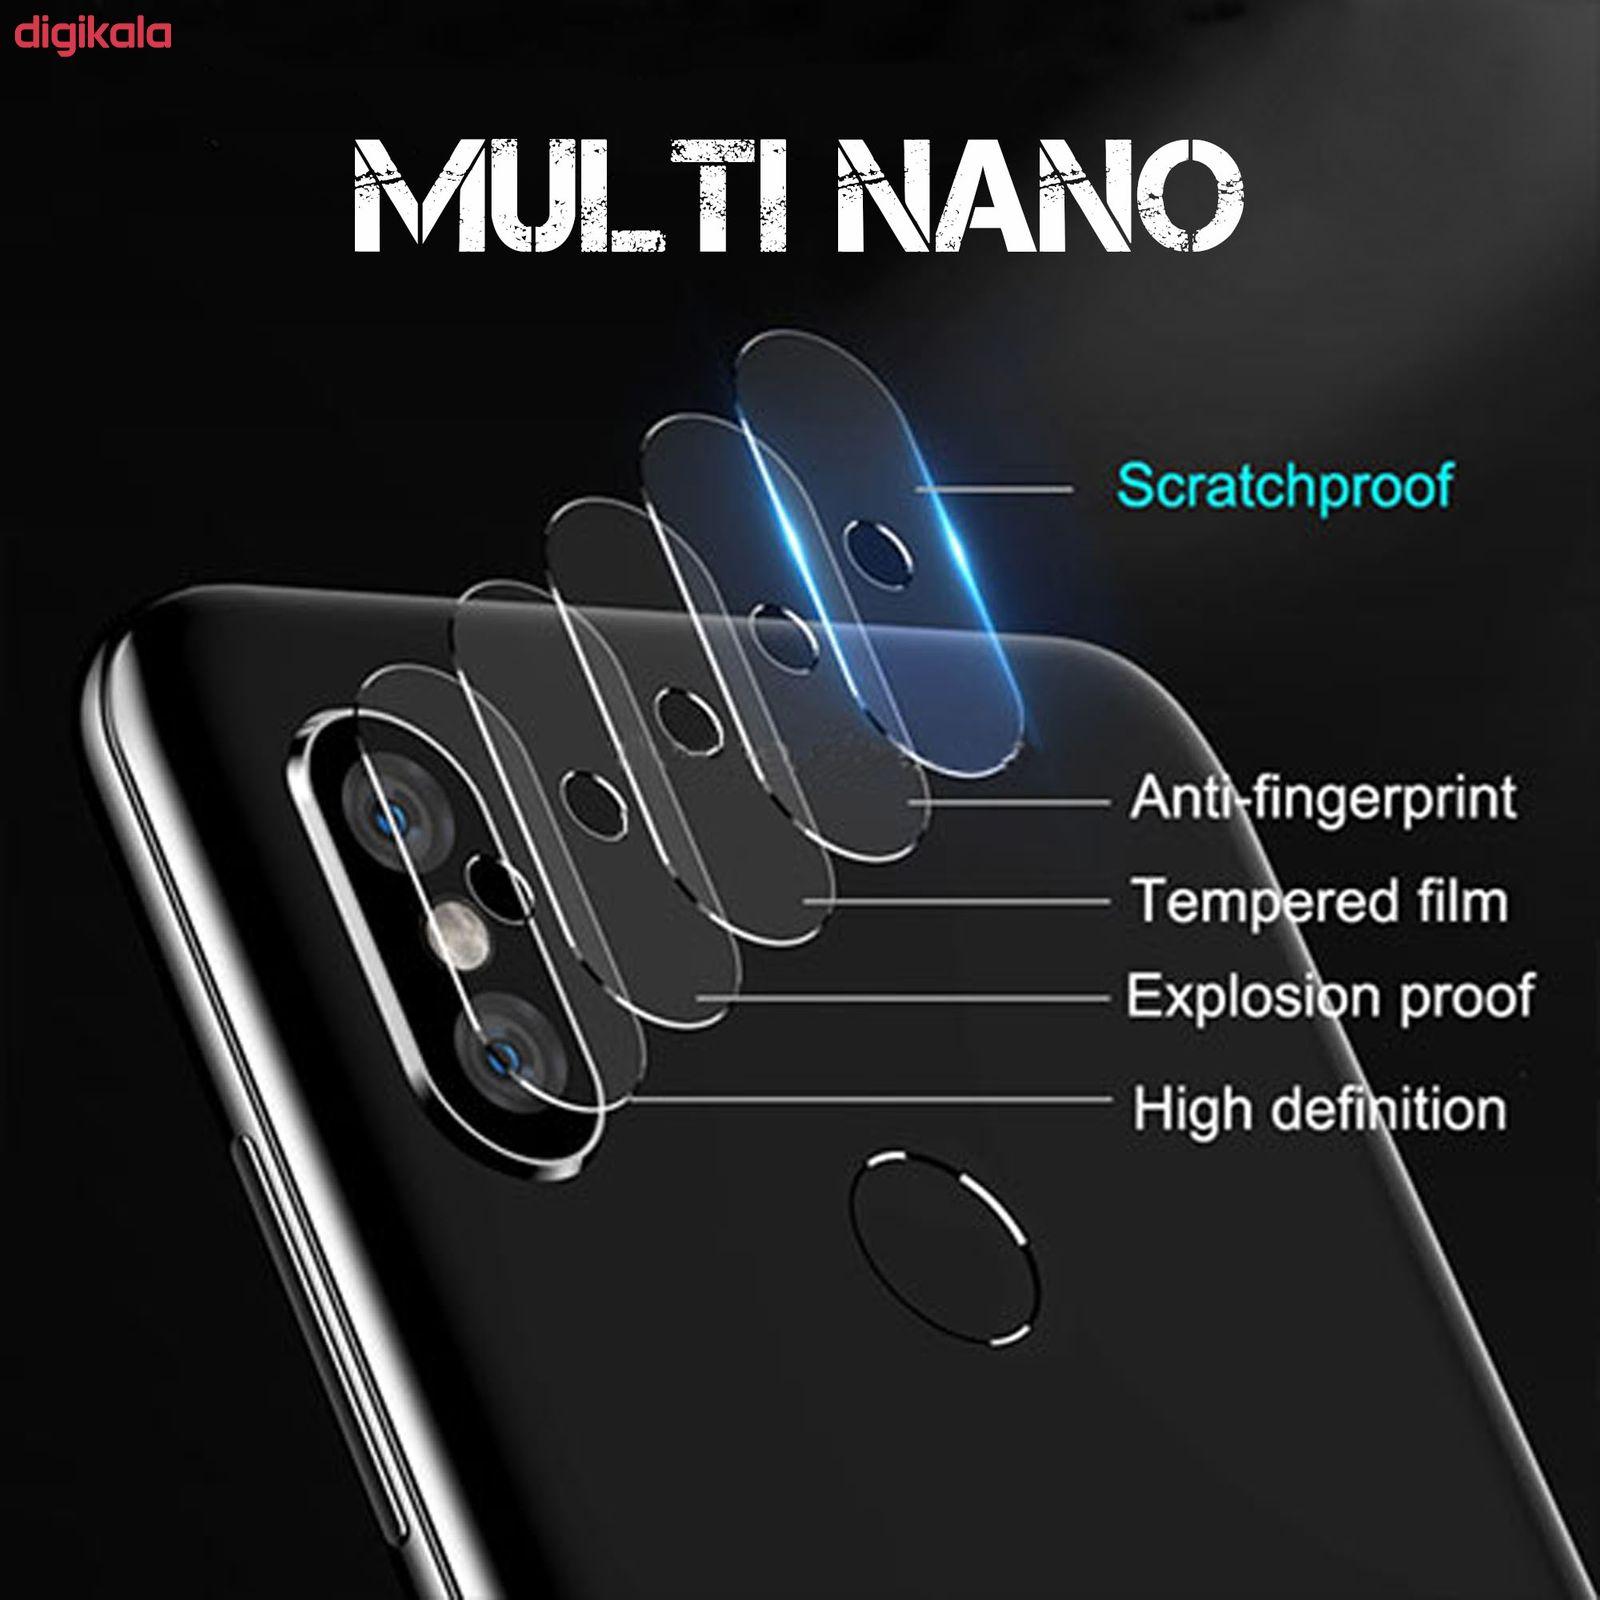 محافظ لنز دوربین مولتی نانو مدل Ultra مناسب برای گوشی موبایل سامسونگ Galaxy A12 main 1 4